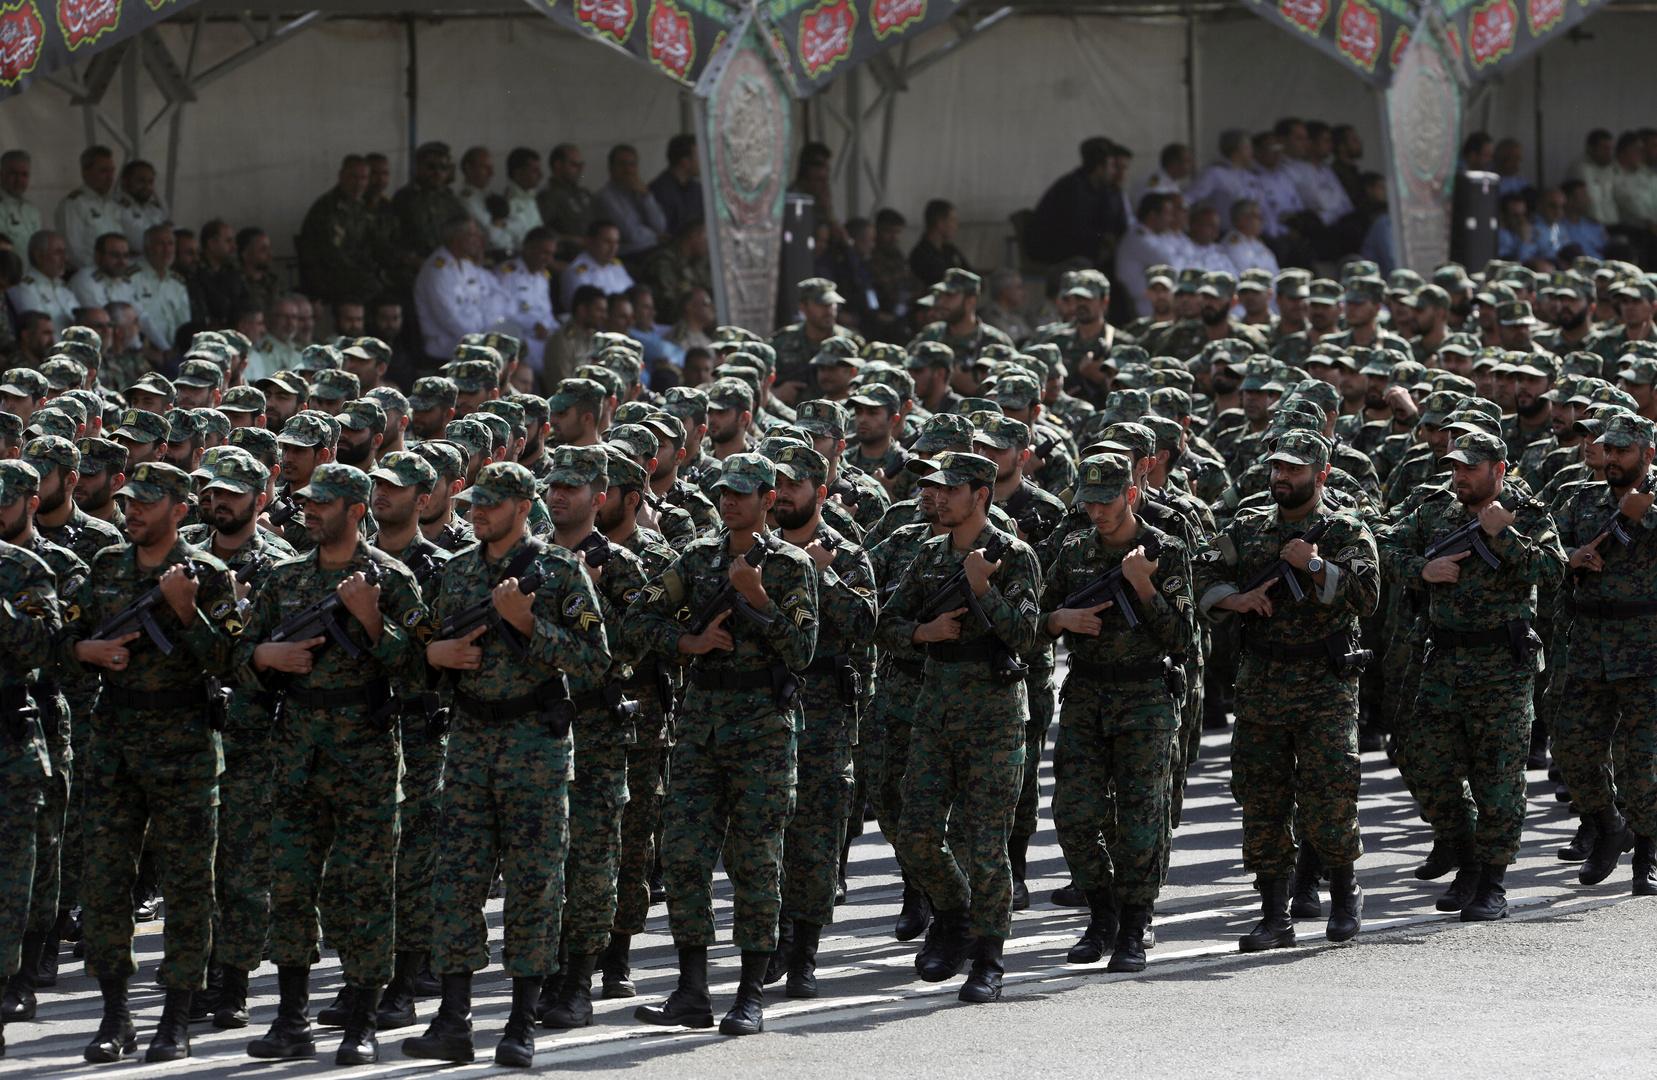 إيران: سيتلقى العدو ردا موجعا في حال قيامه بأي مغامرة ضدنا